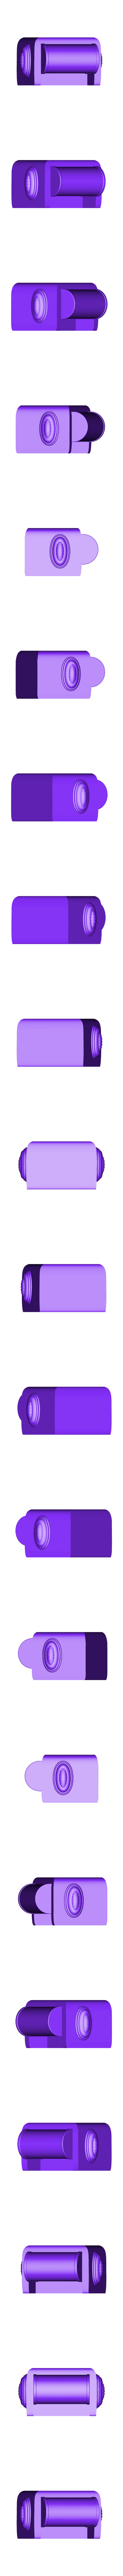 Crushy_Top.stl Télécharger fichier STL gratuit Crushinator from Futurama! • Objet pour impression 3D, ChaosCoreTech